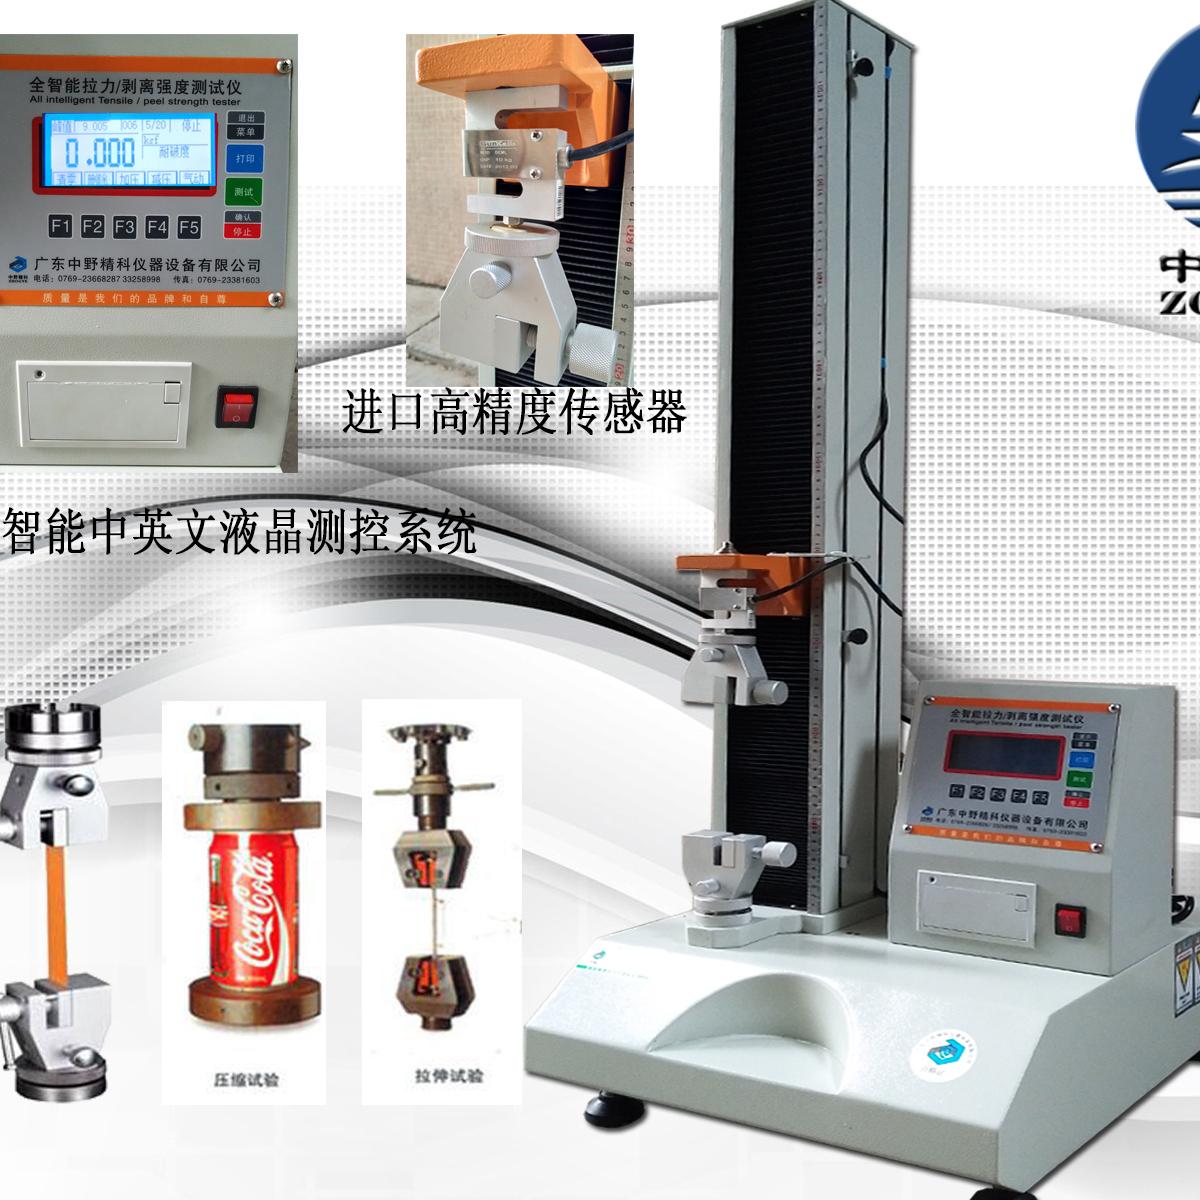 上海宁波浙江高精度实验室 东莞抗张强度试验机试验仪